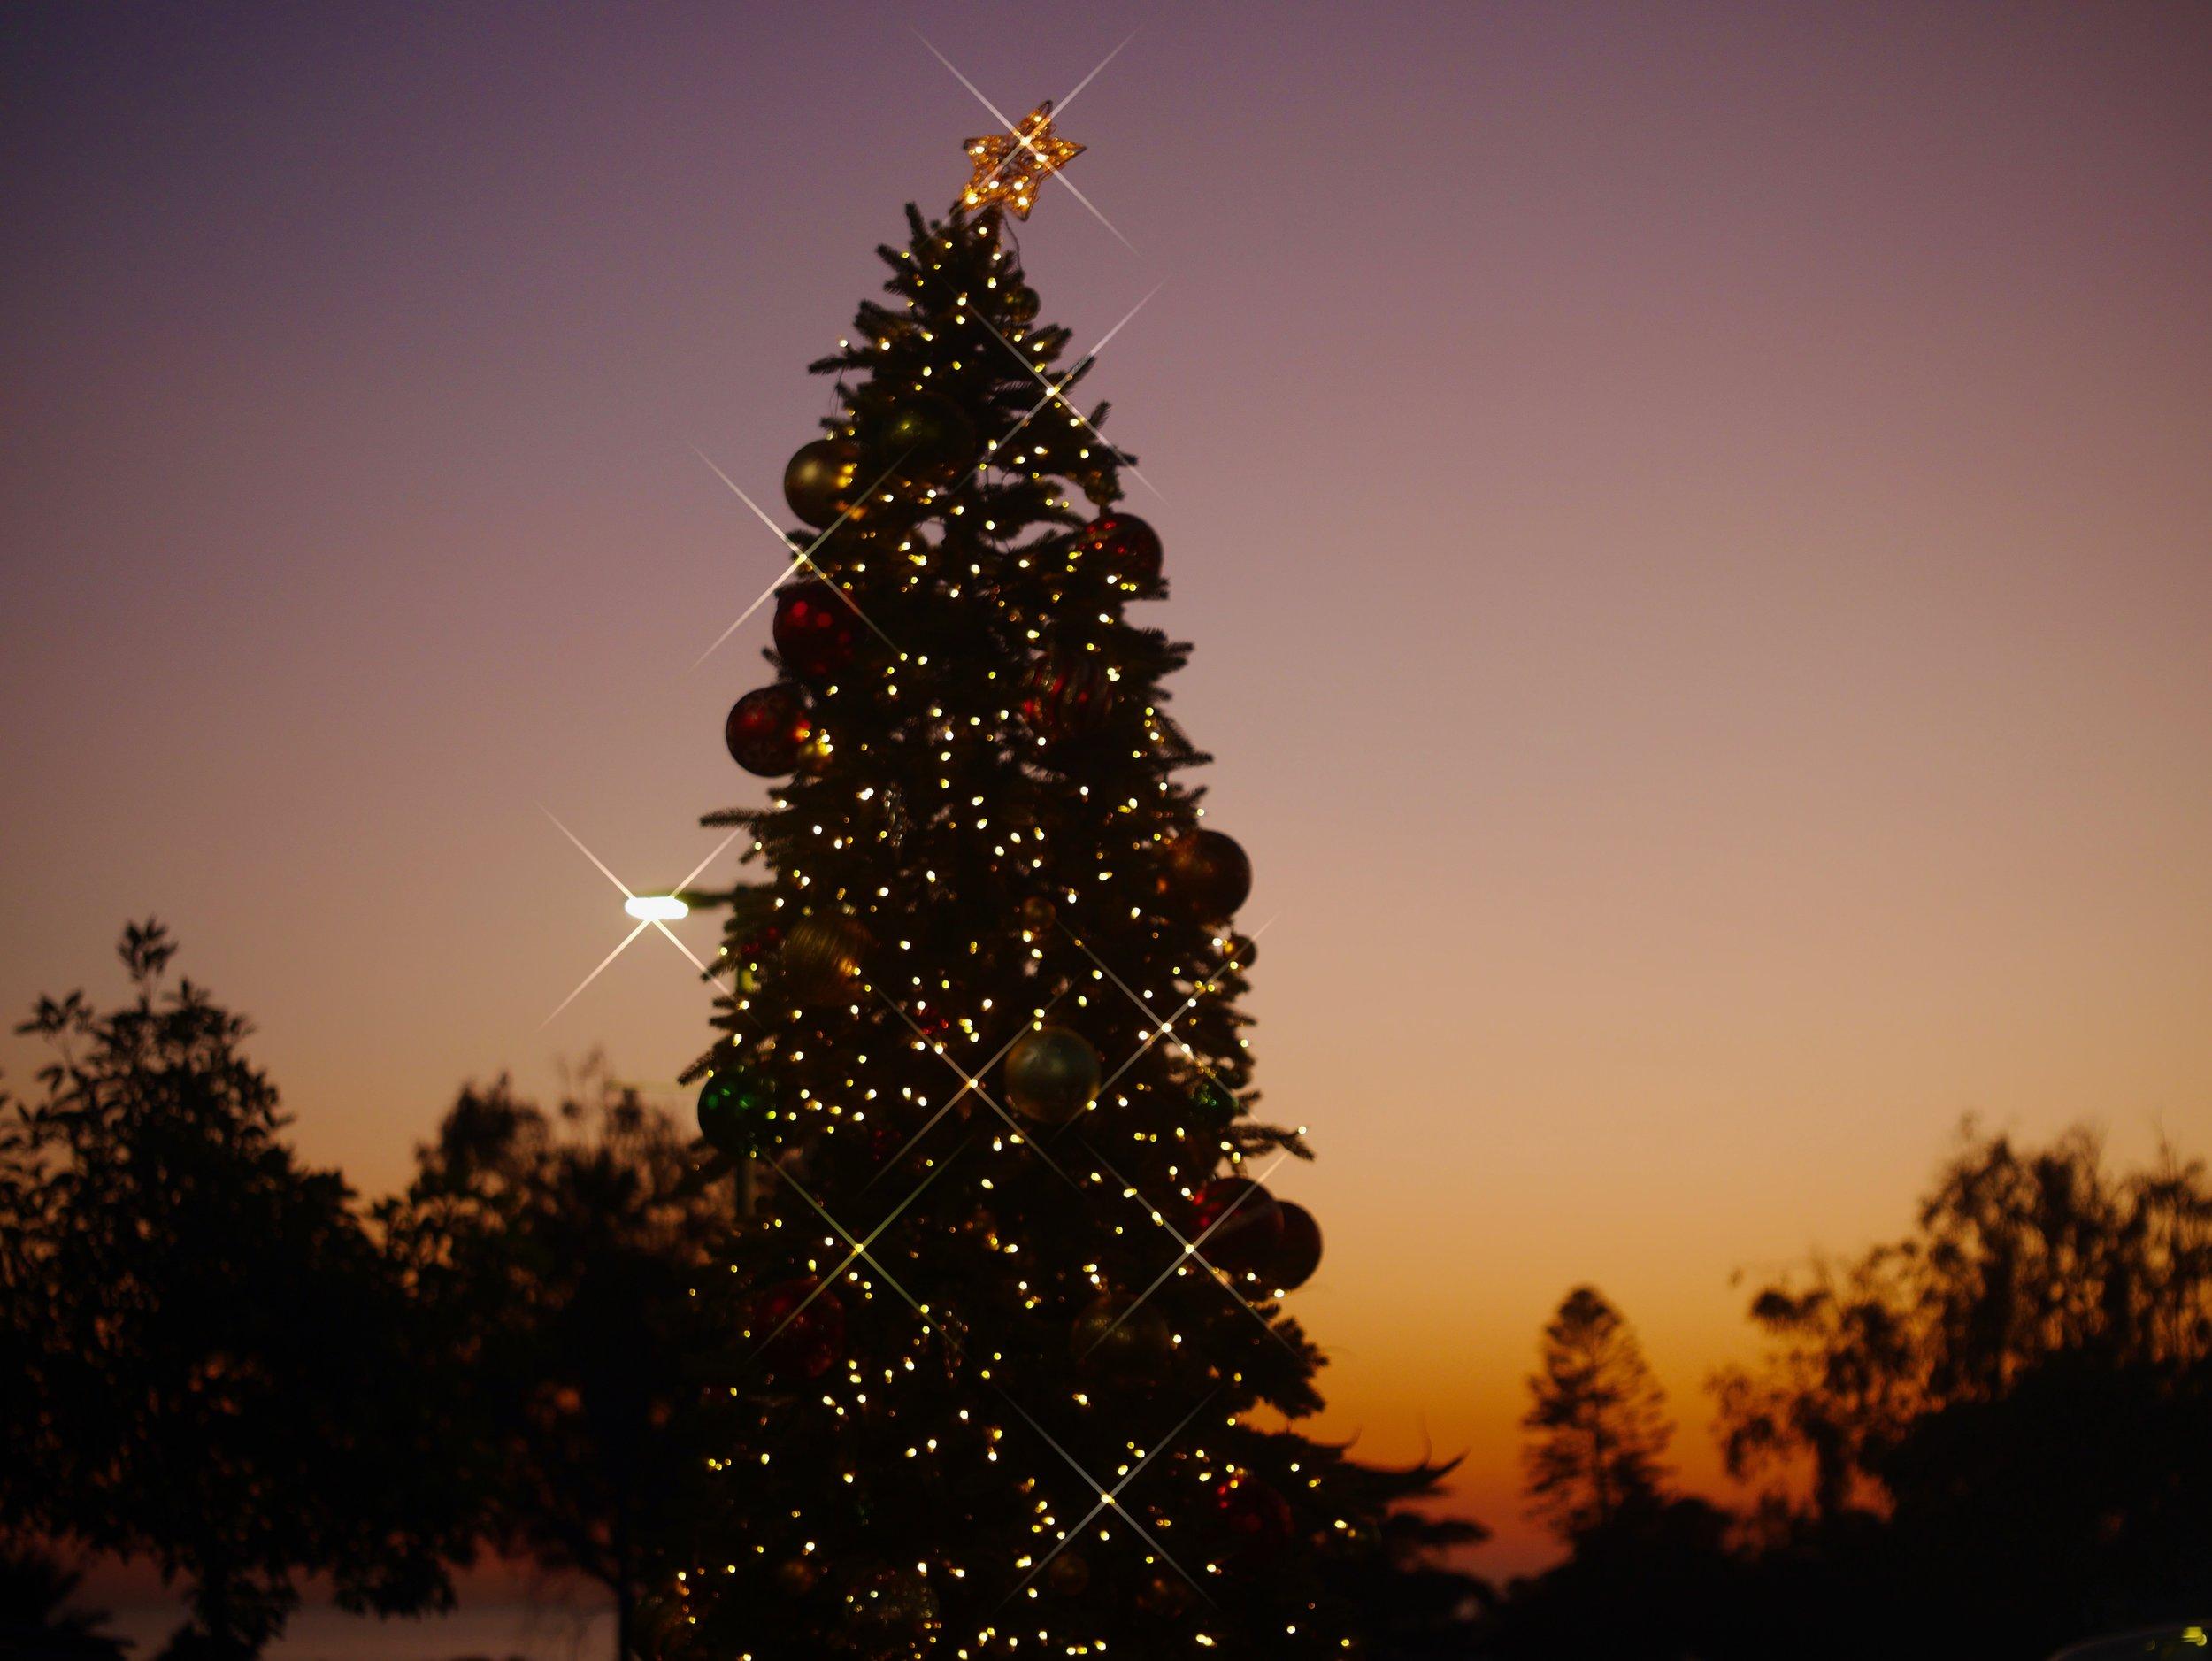 KM Tree Sunset Photos 4.jpg